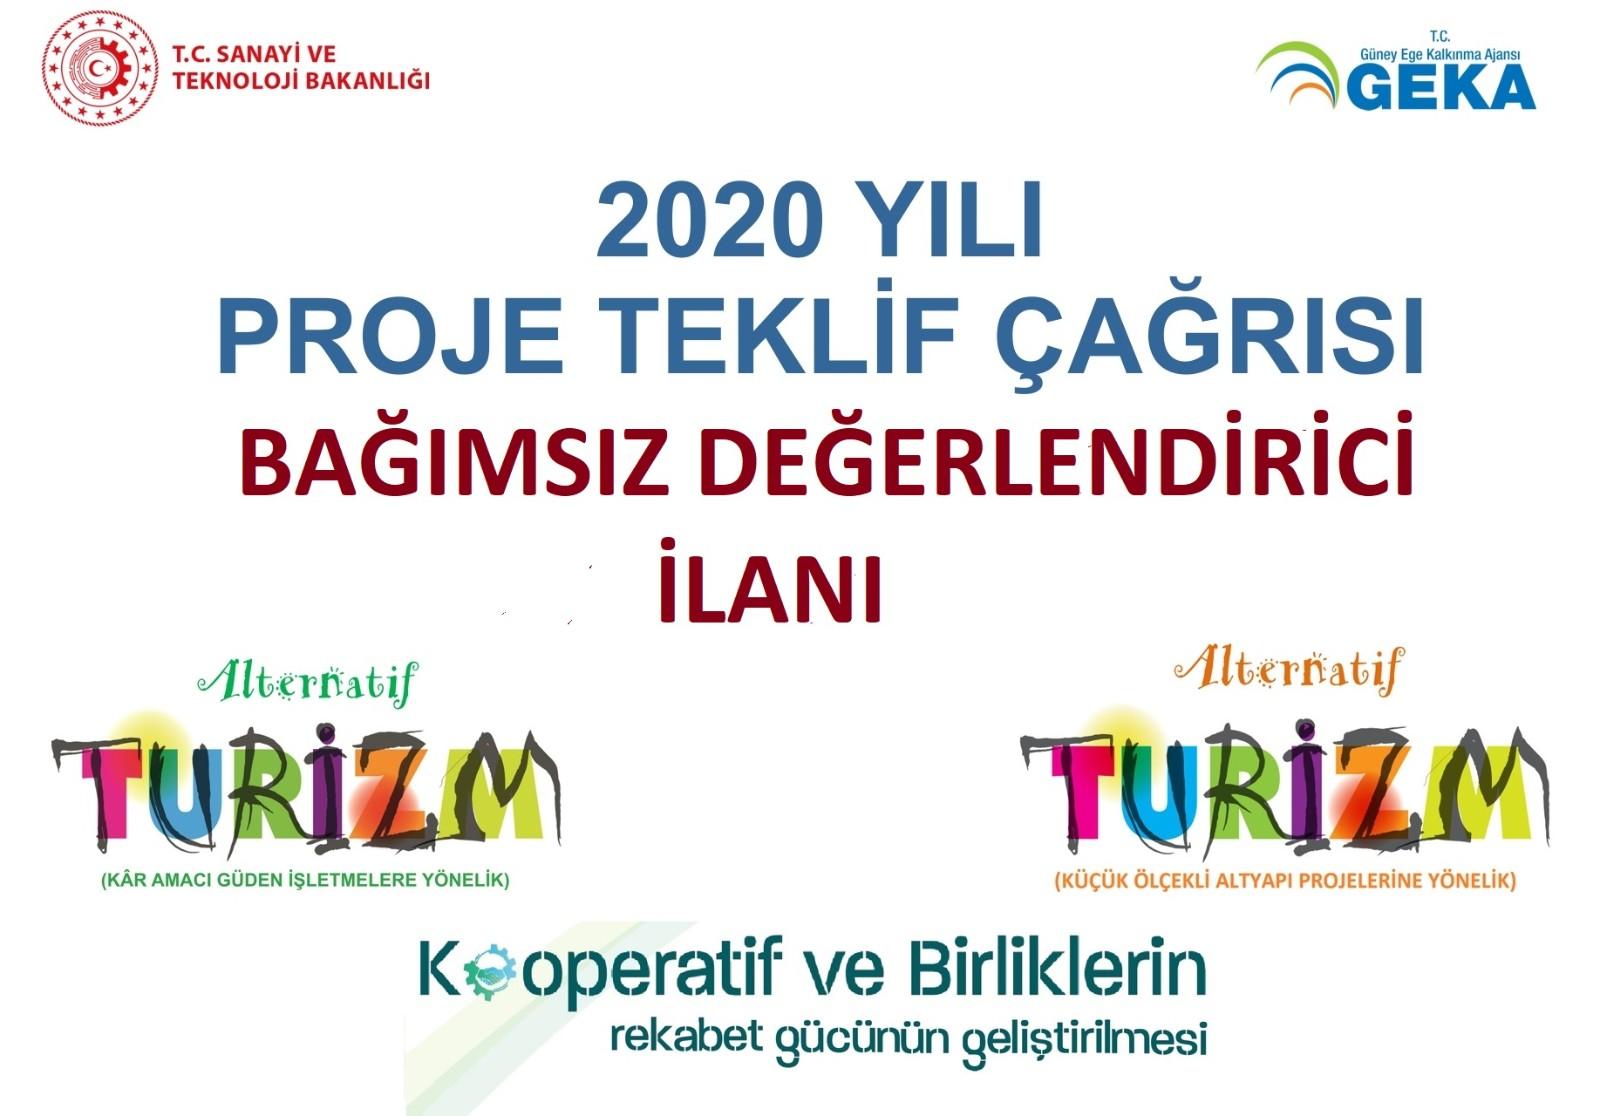 2020 Yılı Proje Teklif Çağrısı Bağımsız Değerlendirici İlanı